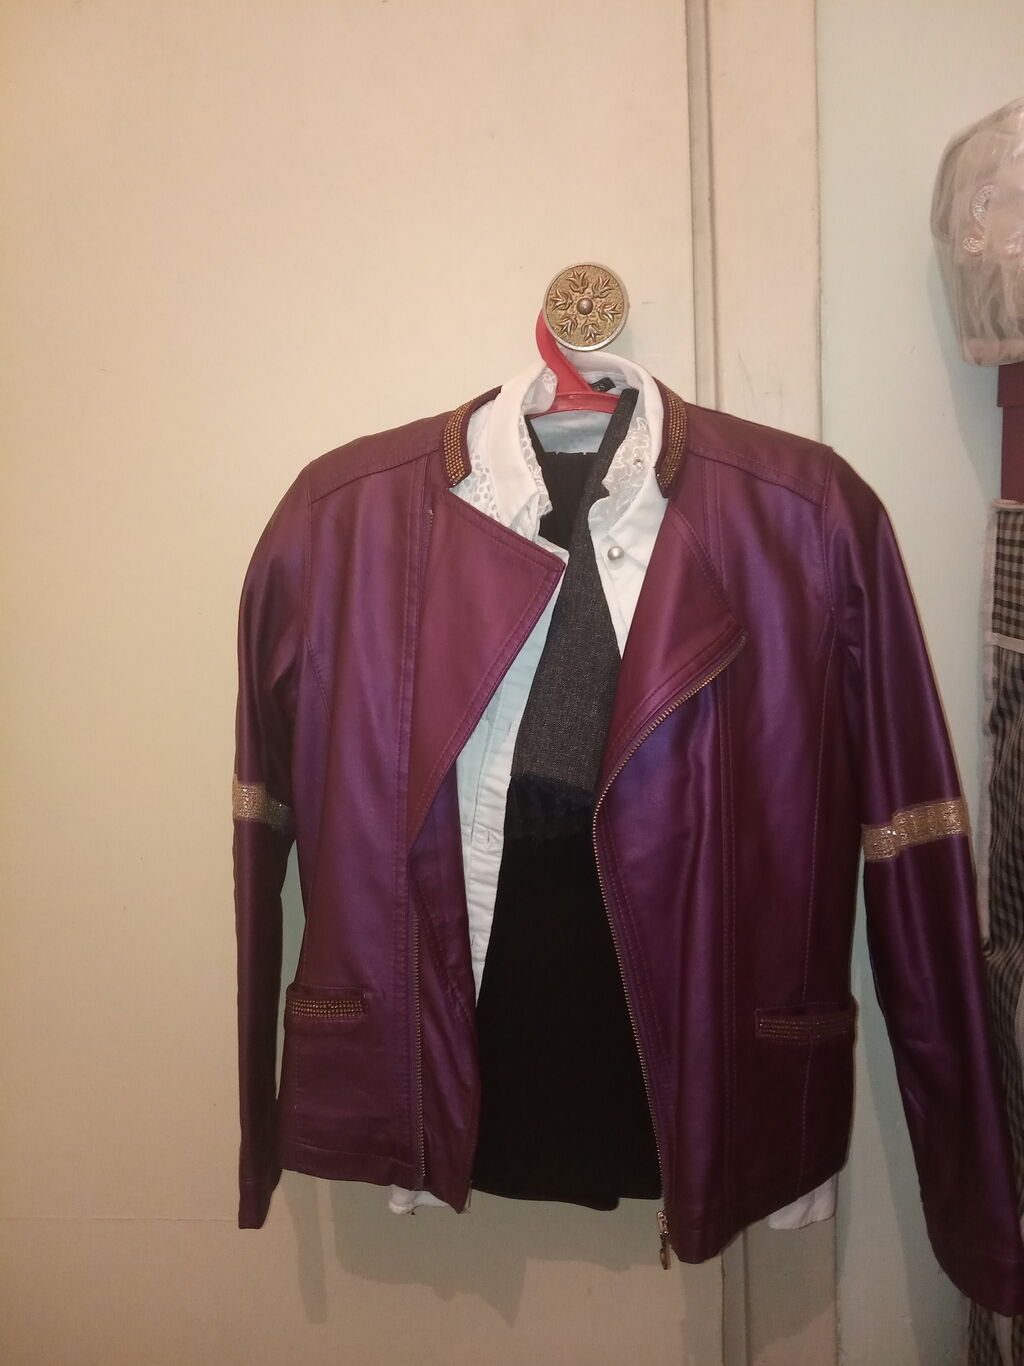 Детская кожаная куртка, 8-12 лет. Состояние отличное: Детская кожаная куртка, 8-12 лет. Состояние отличное